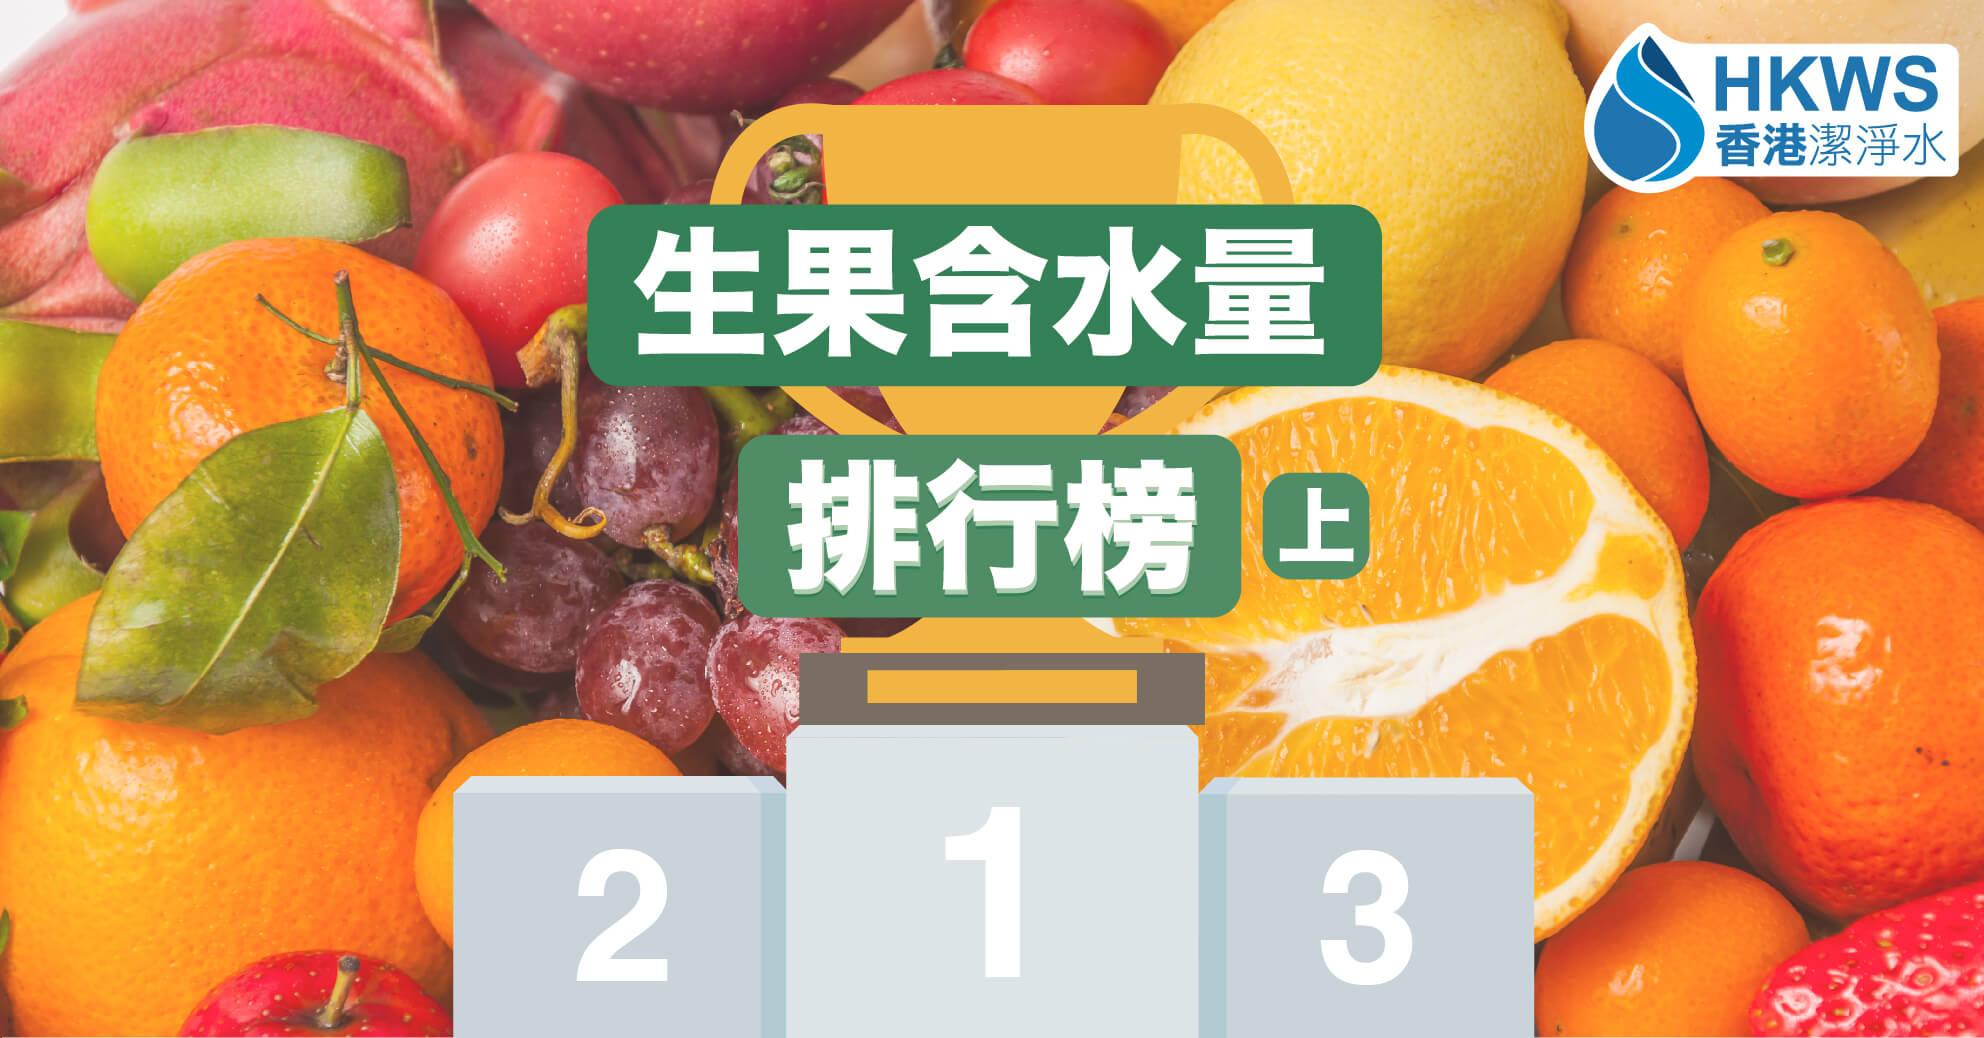 含水量最高的10大水果名單(上)